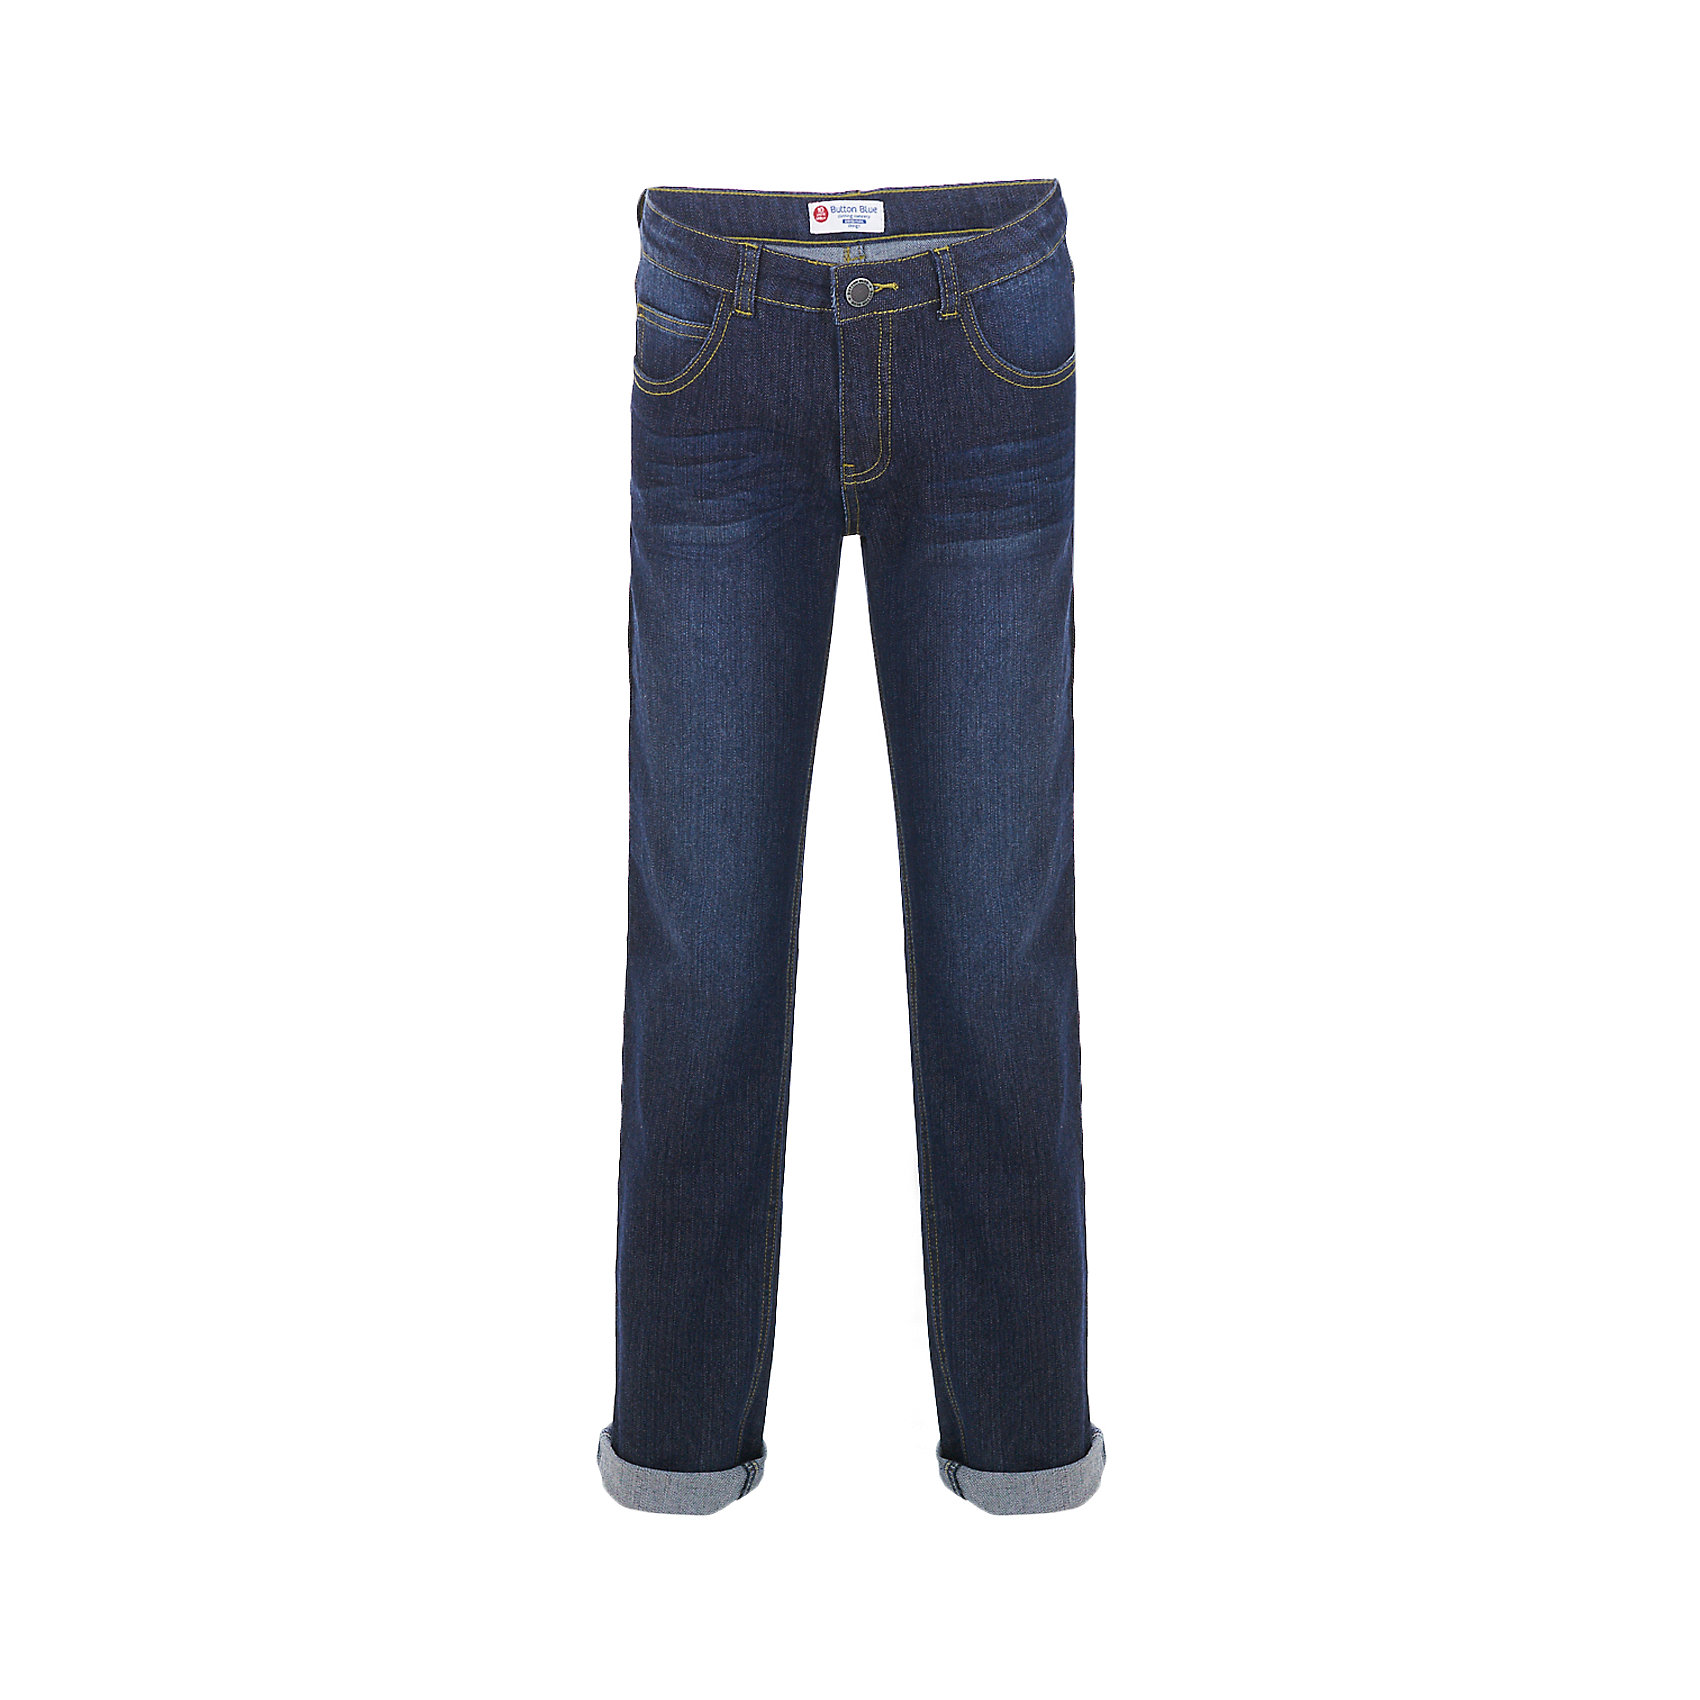 Джинсы BUTTON BLUE для мальчикаДжинсы<br>Джинсы BUTTON BLUE для мальчика<br>Синие джинсы силуэта Slim Fit  — основа модного и функционального повседневного гардероба ребенка! Хороший состав ткани, удобная посадка на фигуре подарят мальчику комфорт, свободу движений и уверенность в себе. Если вы хотите купить недорогие детские джинсы отличного качества, модель от Button Blue - прекрасный вариант!<br>Состав:<br>75% хлопок, 23%полиэстер,2% эластан<br><br>Ширина мм: 215<br>Глубина мм: 88<br>Высота мм: 191<br>Вес г: 336<br>Цвет: темно-синий<br>Возраст от месяцев: 120<br>Возраст до месяцев: 132<br>Пол: Мужской<br>Возраст: Детский<br>Размер: 146,158,152,140,134,128,122,116,110,104,98<br>SKU: 7038785